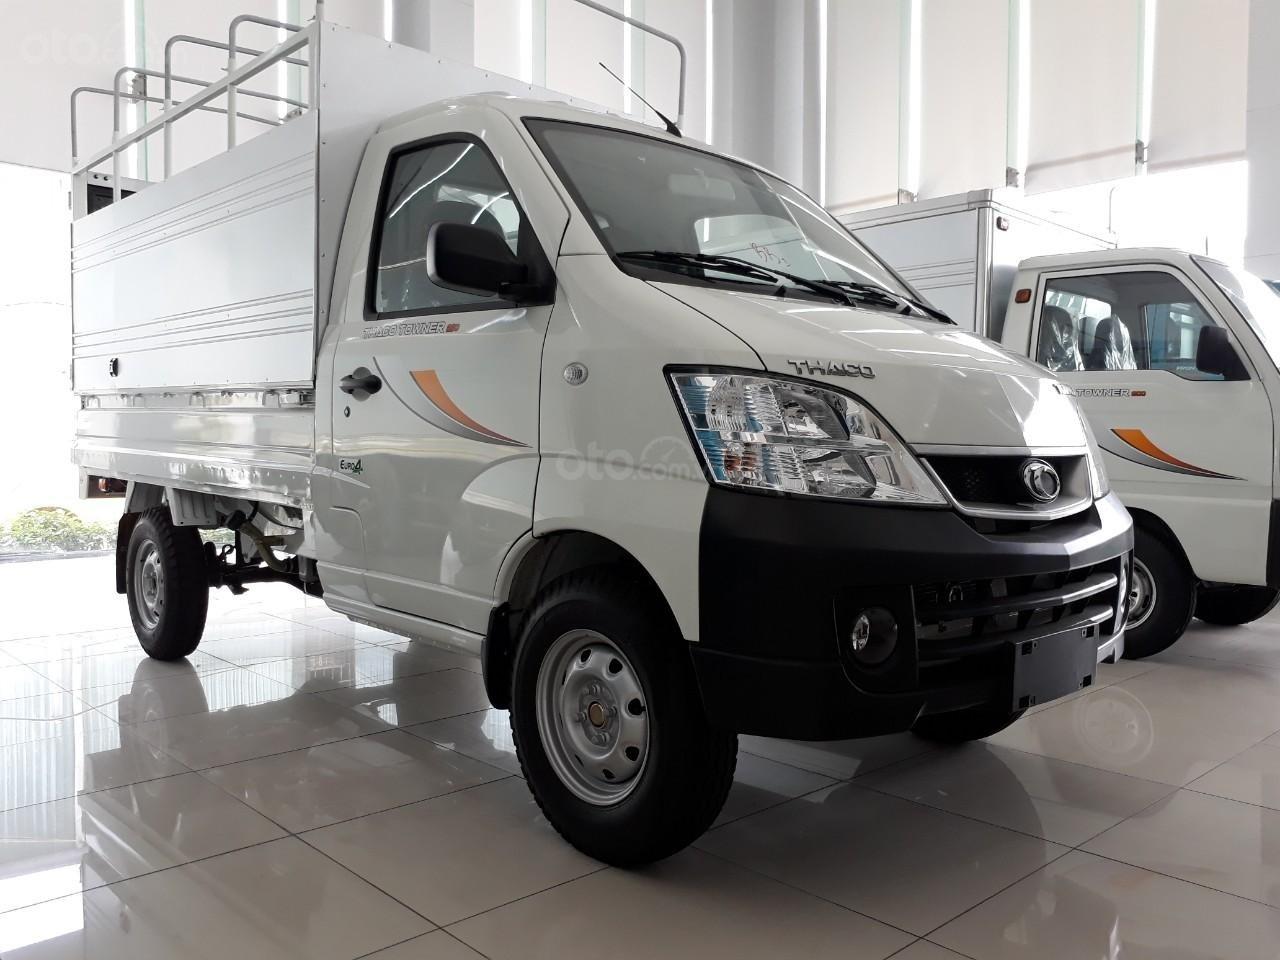 Thaco Towner 990, xe chạy phố, ưu đãi 100% thuế trước bạ, ĐK miễn phí, trả góp 60tr (2)